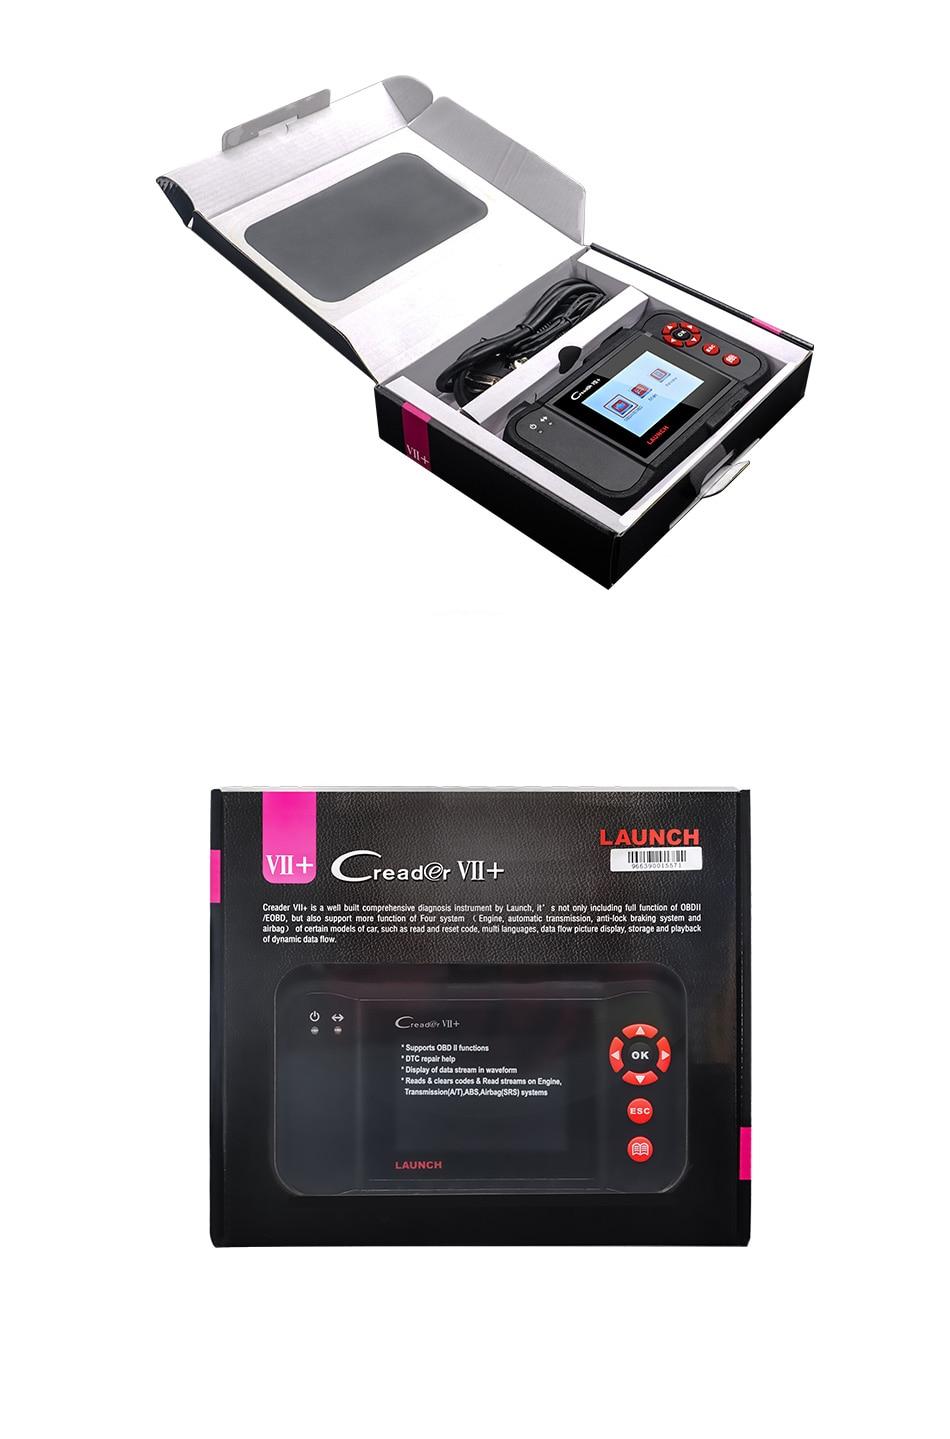 launch obd2 code reader scanner creader vii+ (3)